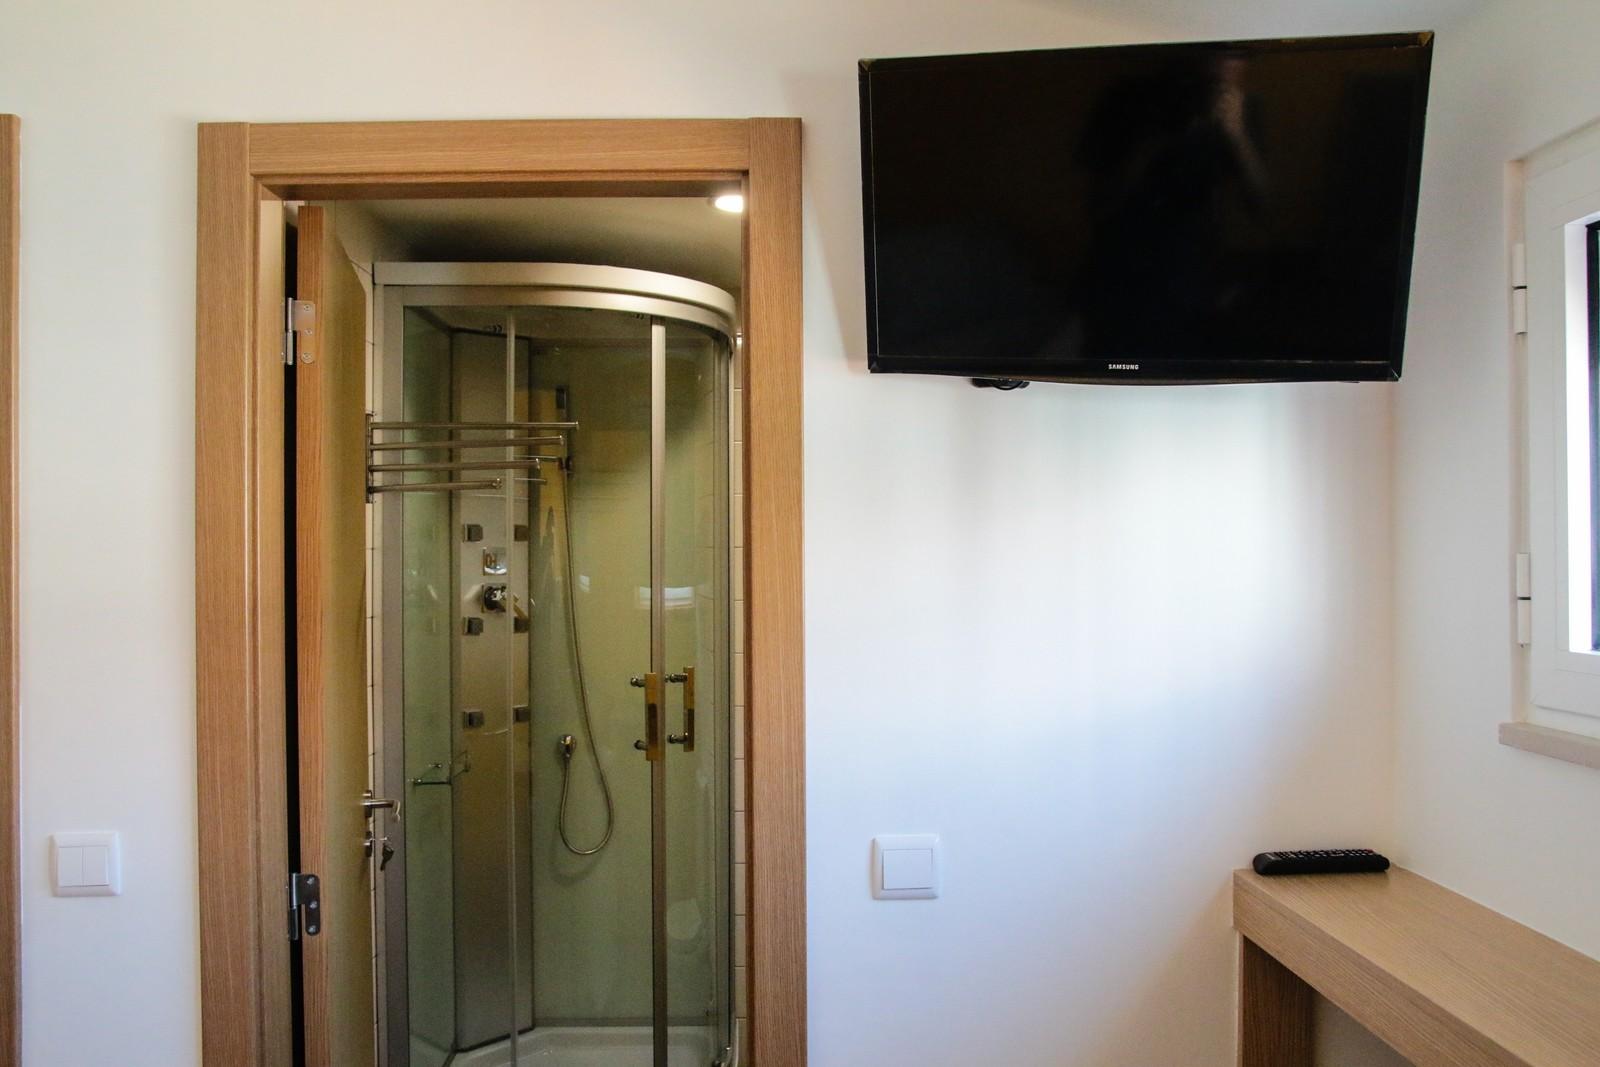 quartos-suites-junto-a-fac-medicina-farm